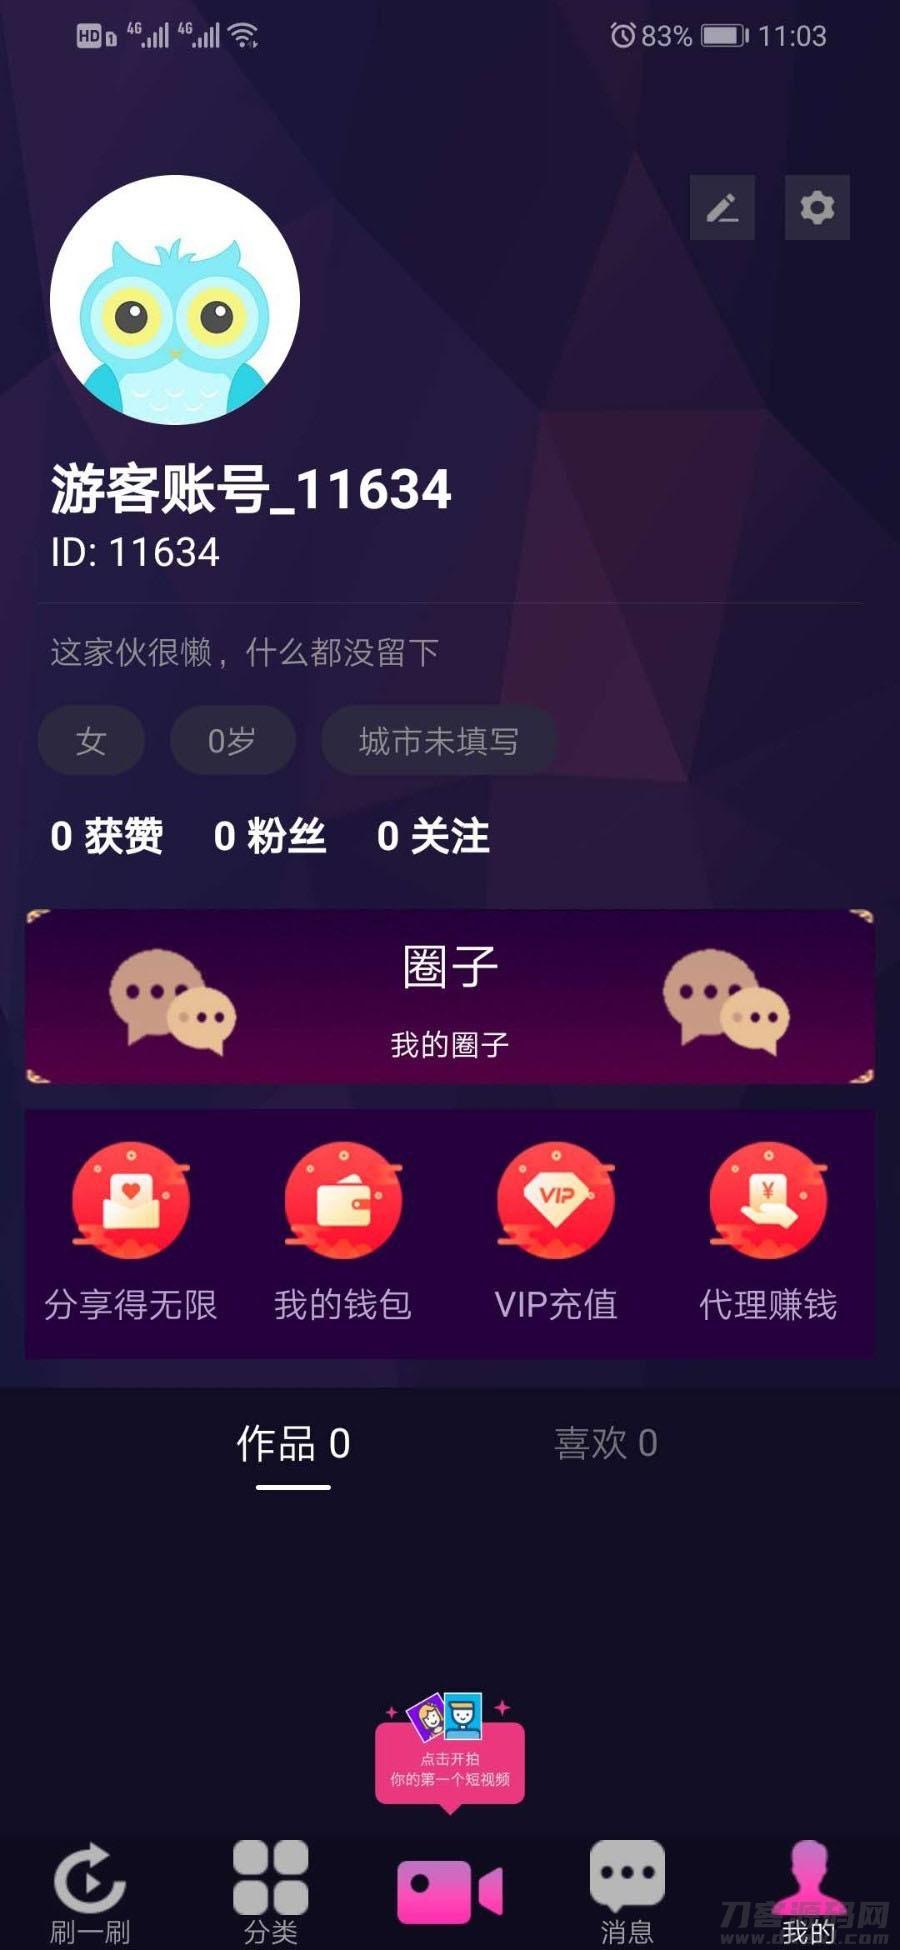 仿抖音视频app/仿91视频app/短视频功能/原生双端开发源码_附全套教程,价值1.5W插图5